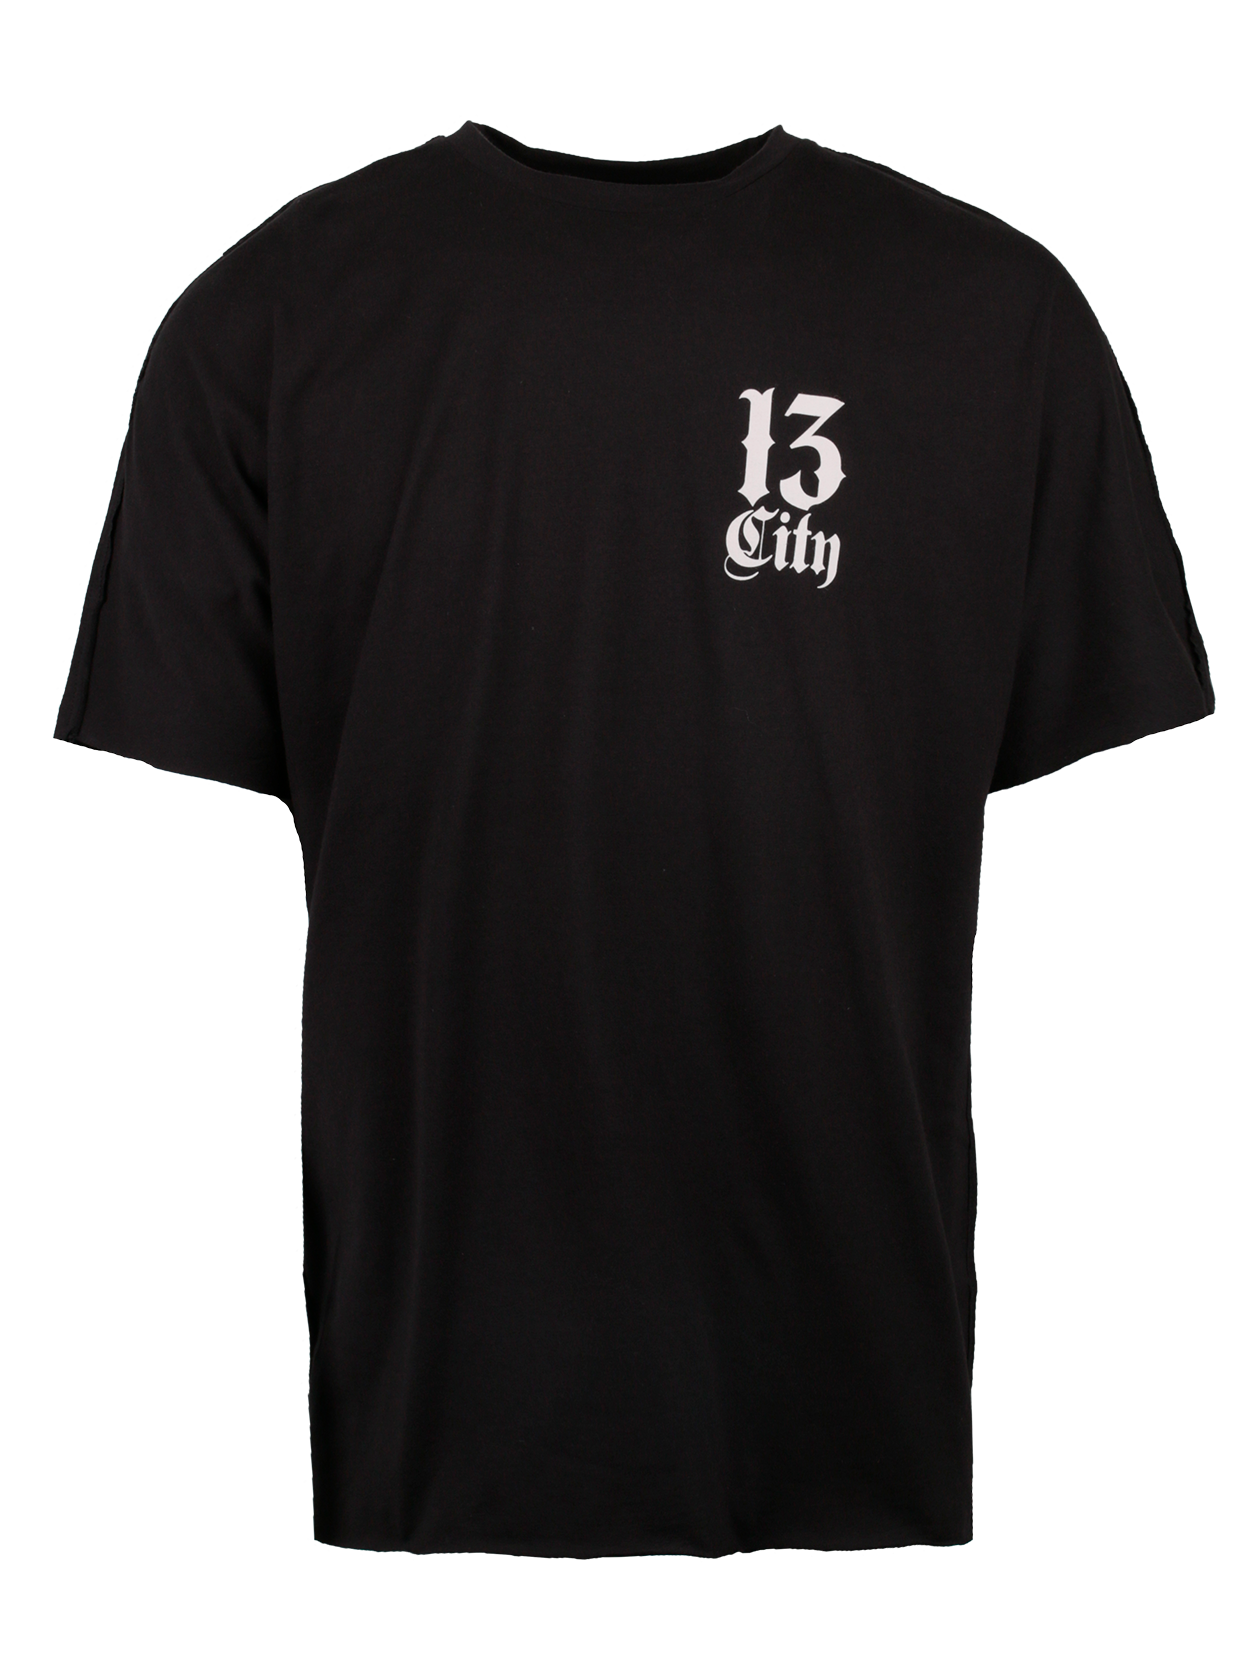 Футболка мужская CITY 13Стильная футболка мужская City 13 станет незаменимой вещью в повседневном гардеробе. Модель классического прямого свободного силуэта, низ слегка удлинен. Цельнокроеный широкий рукав, округлая эластичная горловина. Внутри по вороту спинки оформлен жаккардовый лейбл Black Star Wear. Изделие сшито из 100% хлопка премиального качества, за счет которого создается максимальный комфорт при движении. Футболка представлена в черном цвете, на спине контрастная белая надпись Black Star, на груди небольшая надпись City 13.<br><br>Размер: S<br>Цвет: Черный<br>Пол: Мужской